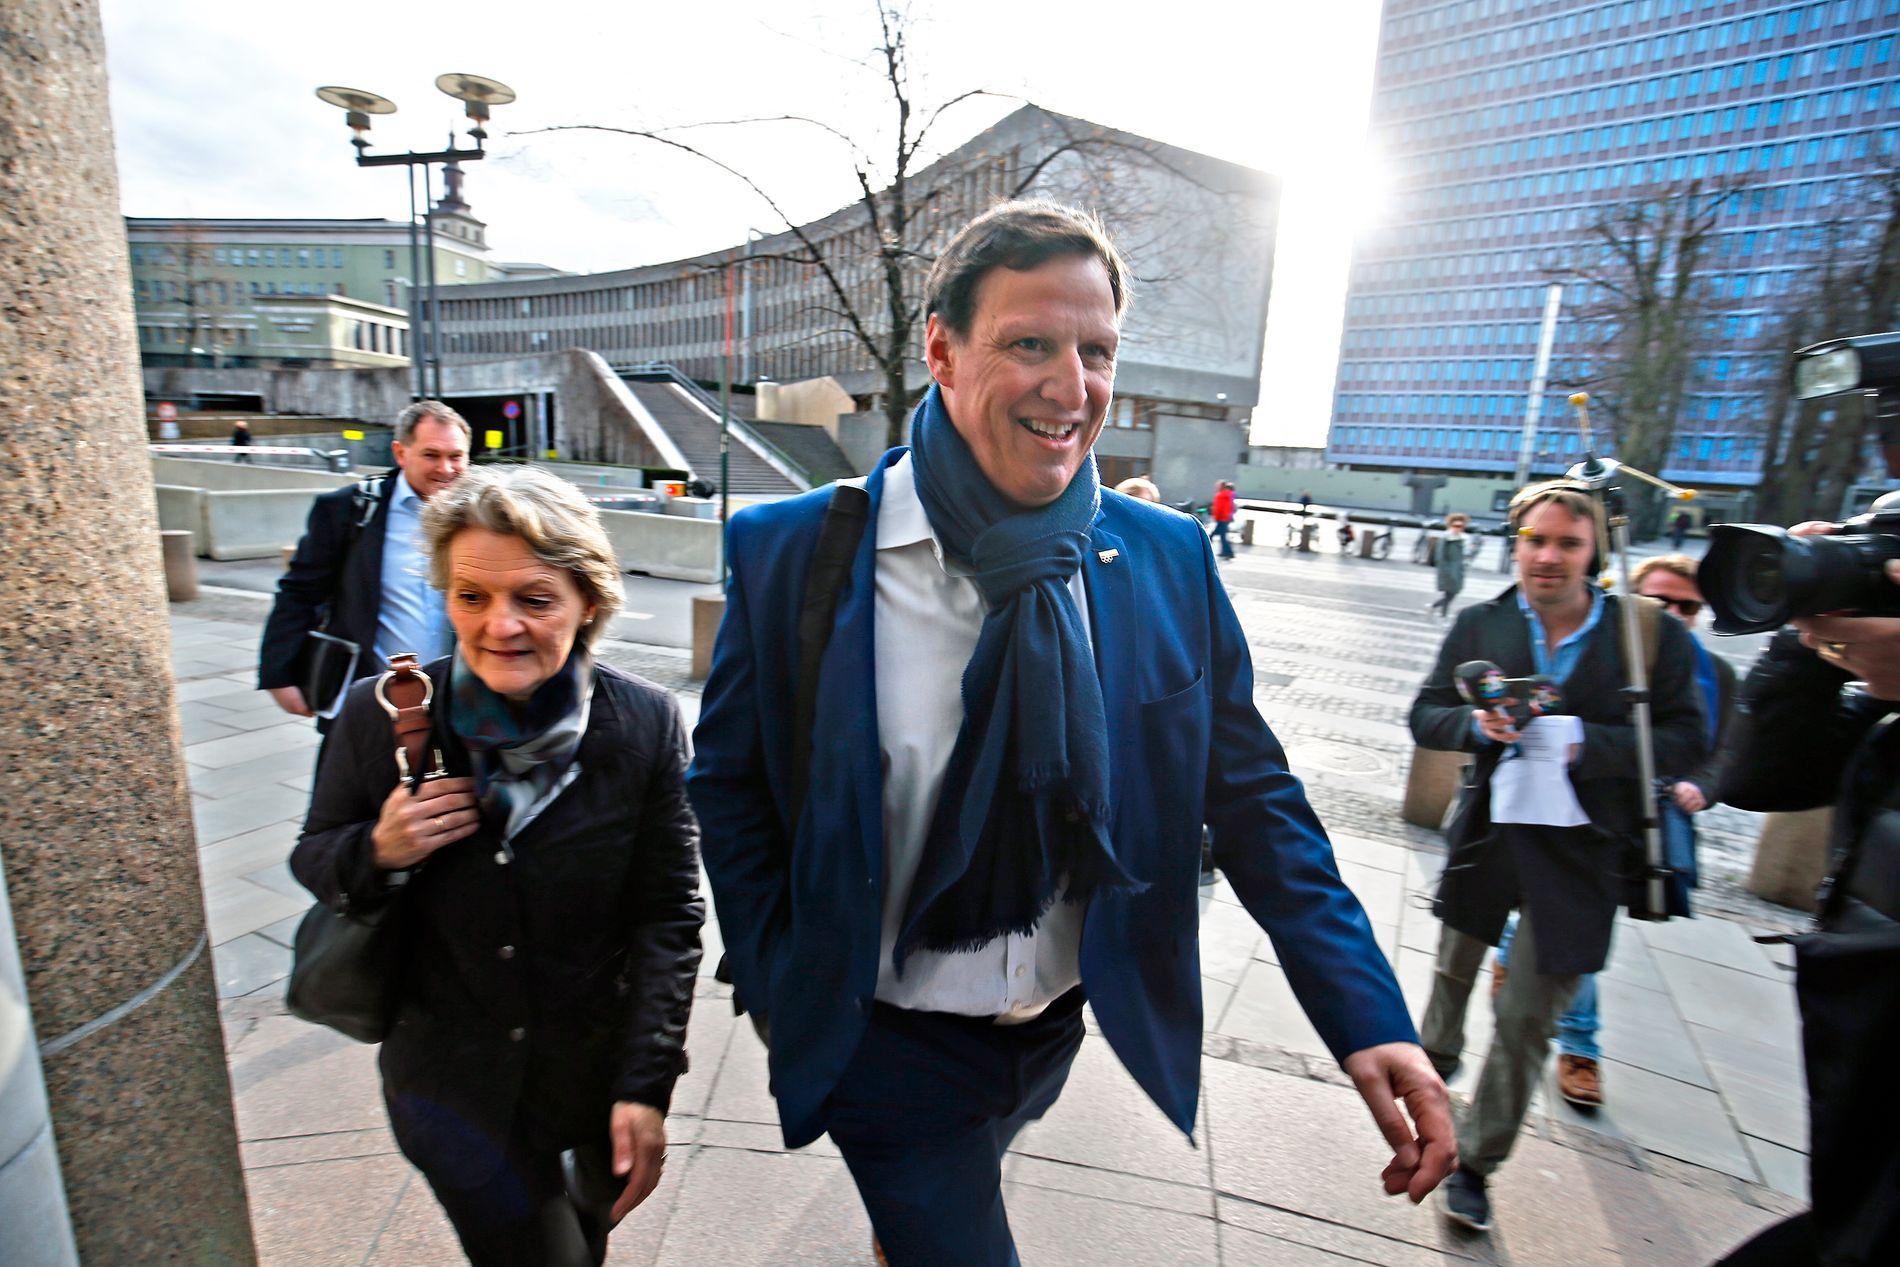 Tom Tvedt & co. gikk omsider ut med støtte til Linda Hofstad Hellelands linje i WADA-striden. Personen som ble satt til å fronte standpunktet er visepresident Kristin Kloster Aasen, som også er medlem av IOC.